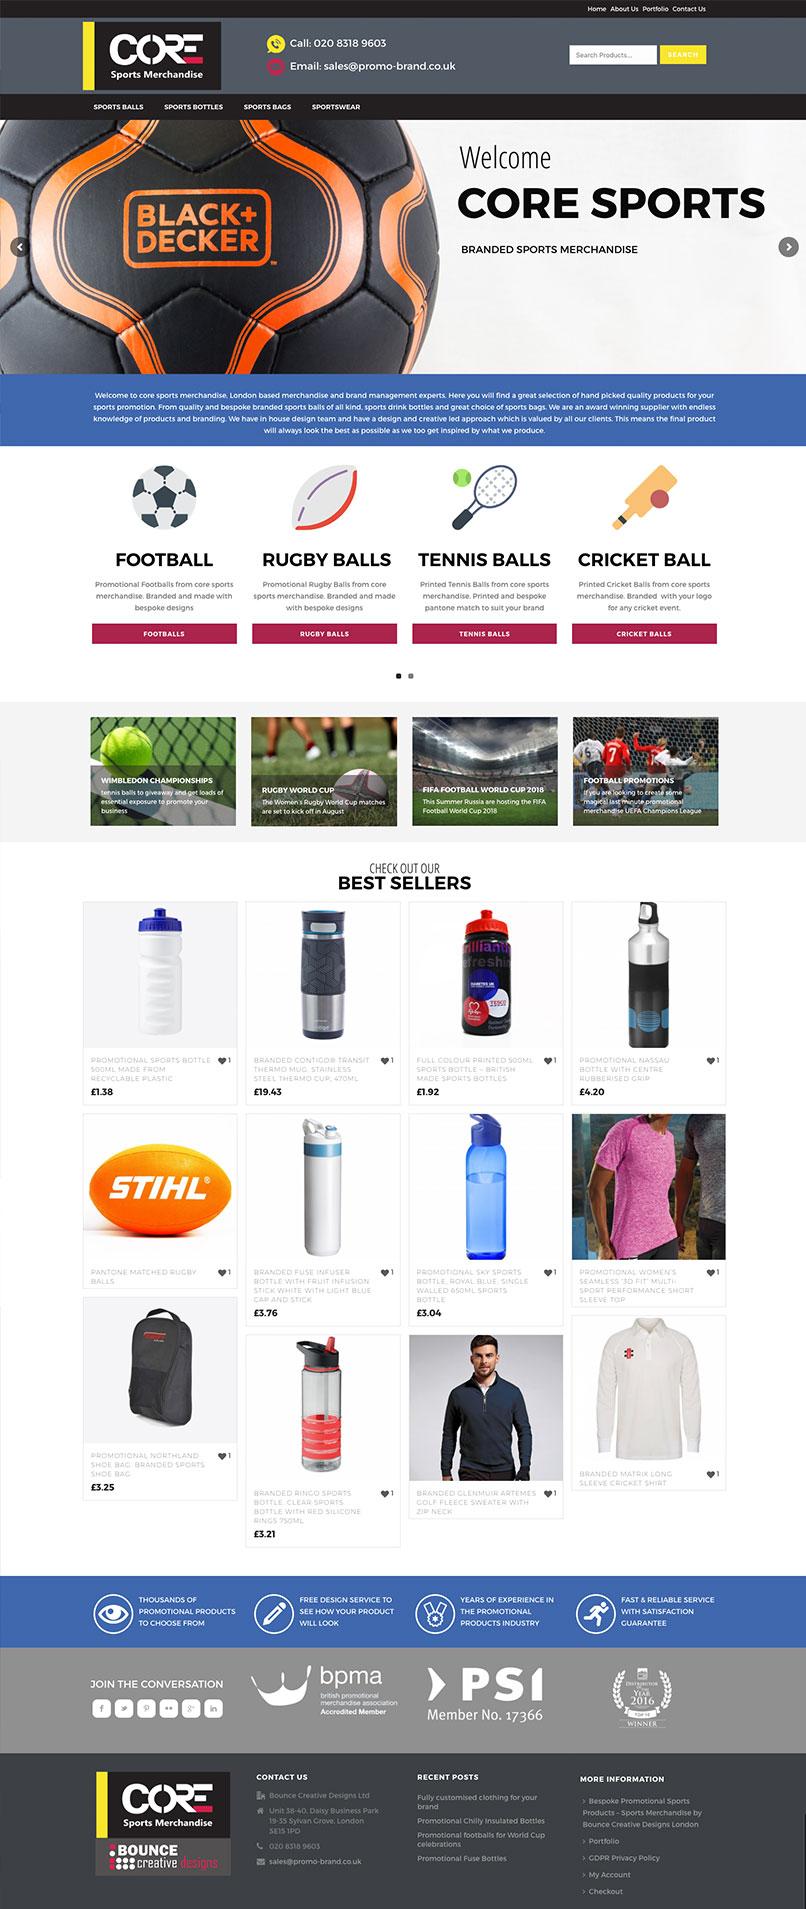 c website design cheap professional website designers uk team. Black Bedroom Furniture Sets. Home Design Ideas